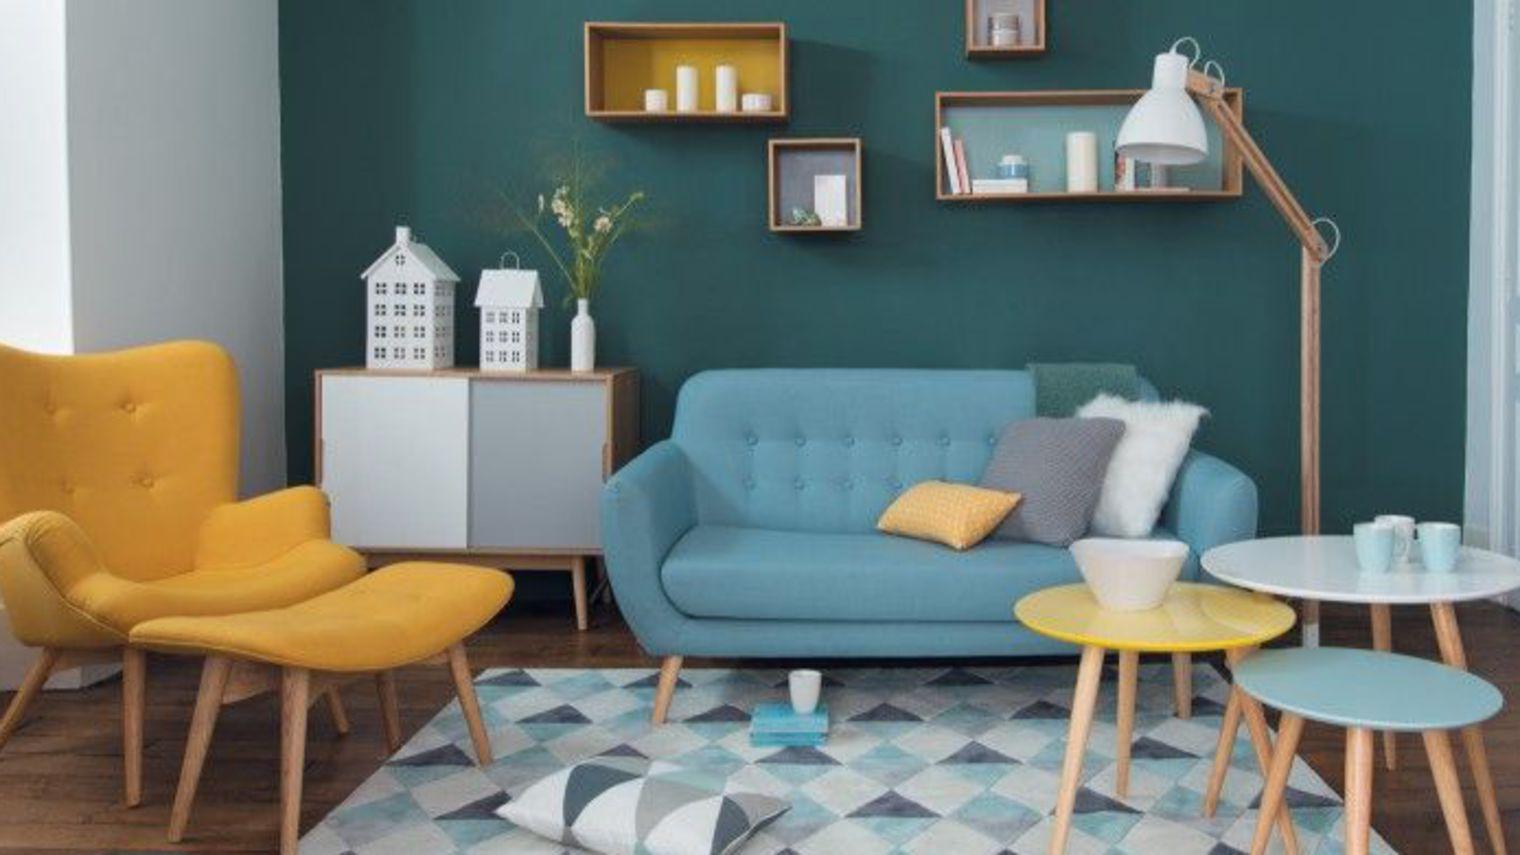 adobe color pour crer vos nuanciers endroits visiter pinterest vintage cuisine and salons - Salon Scandinave Vintage